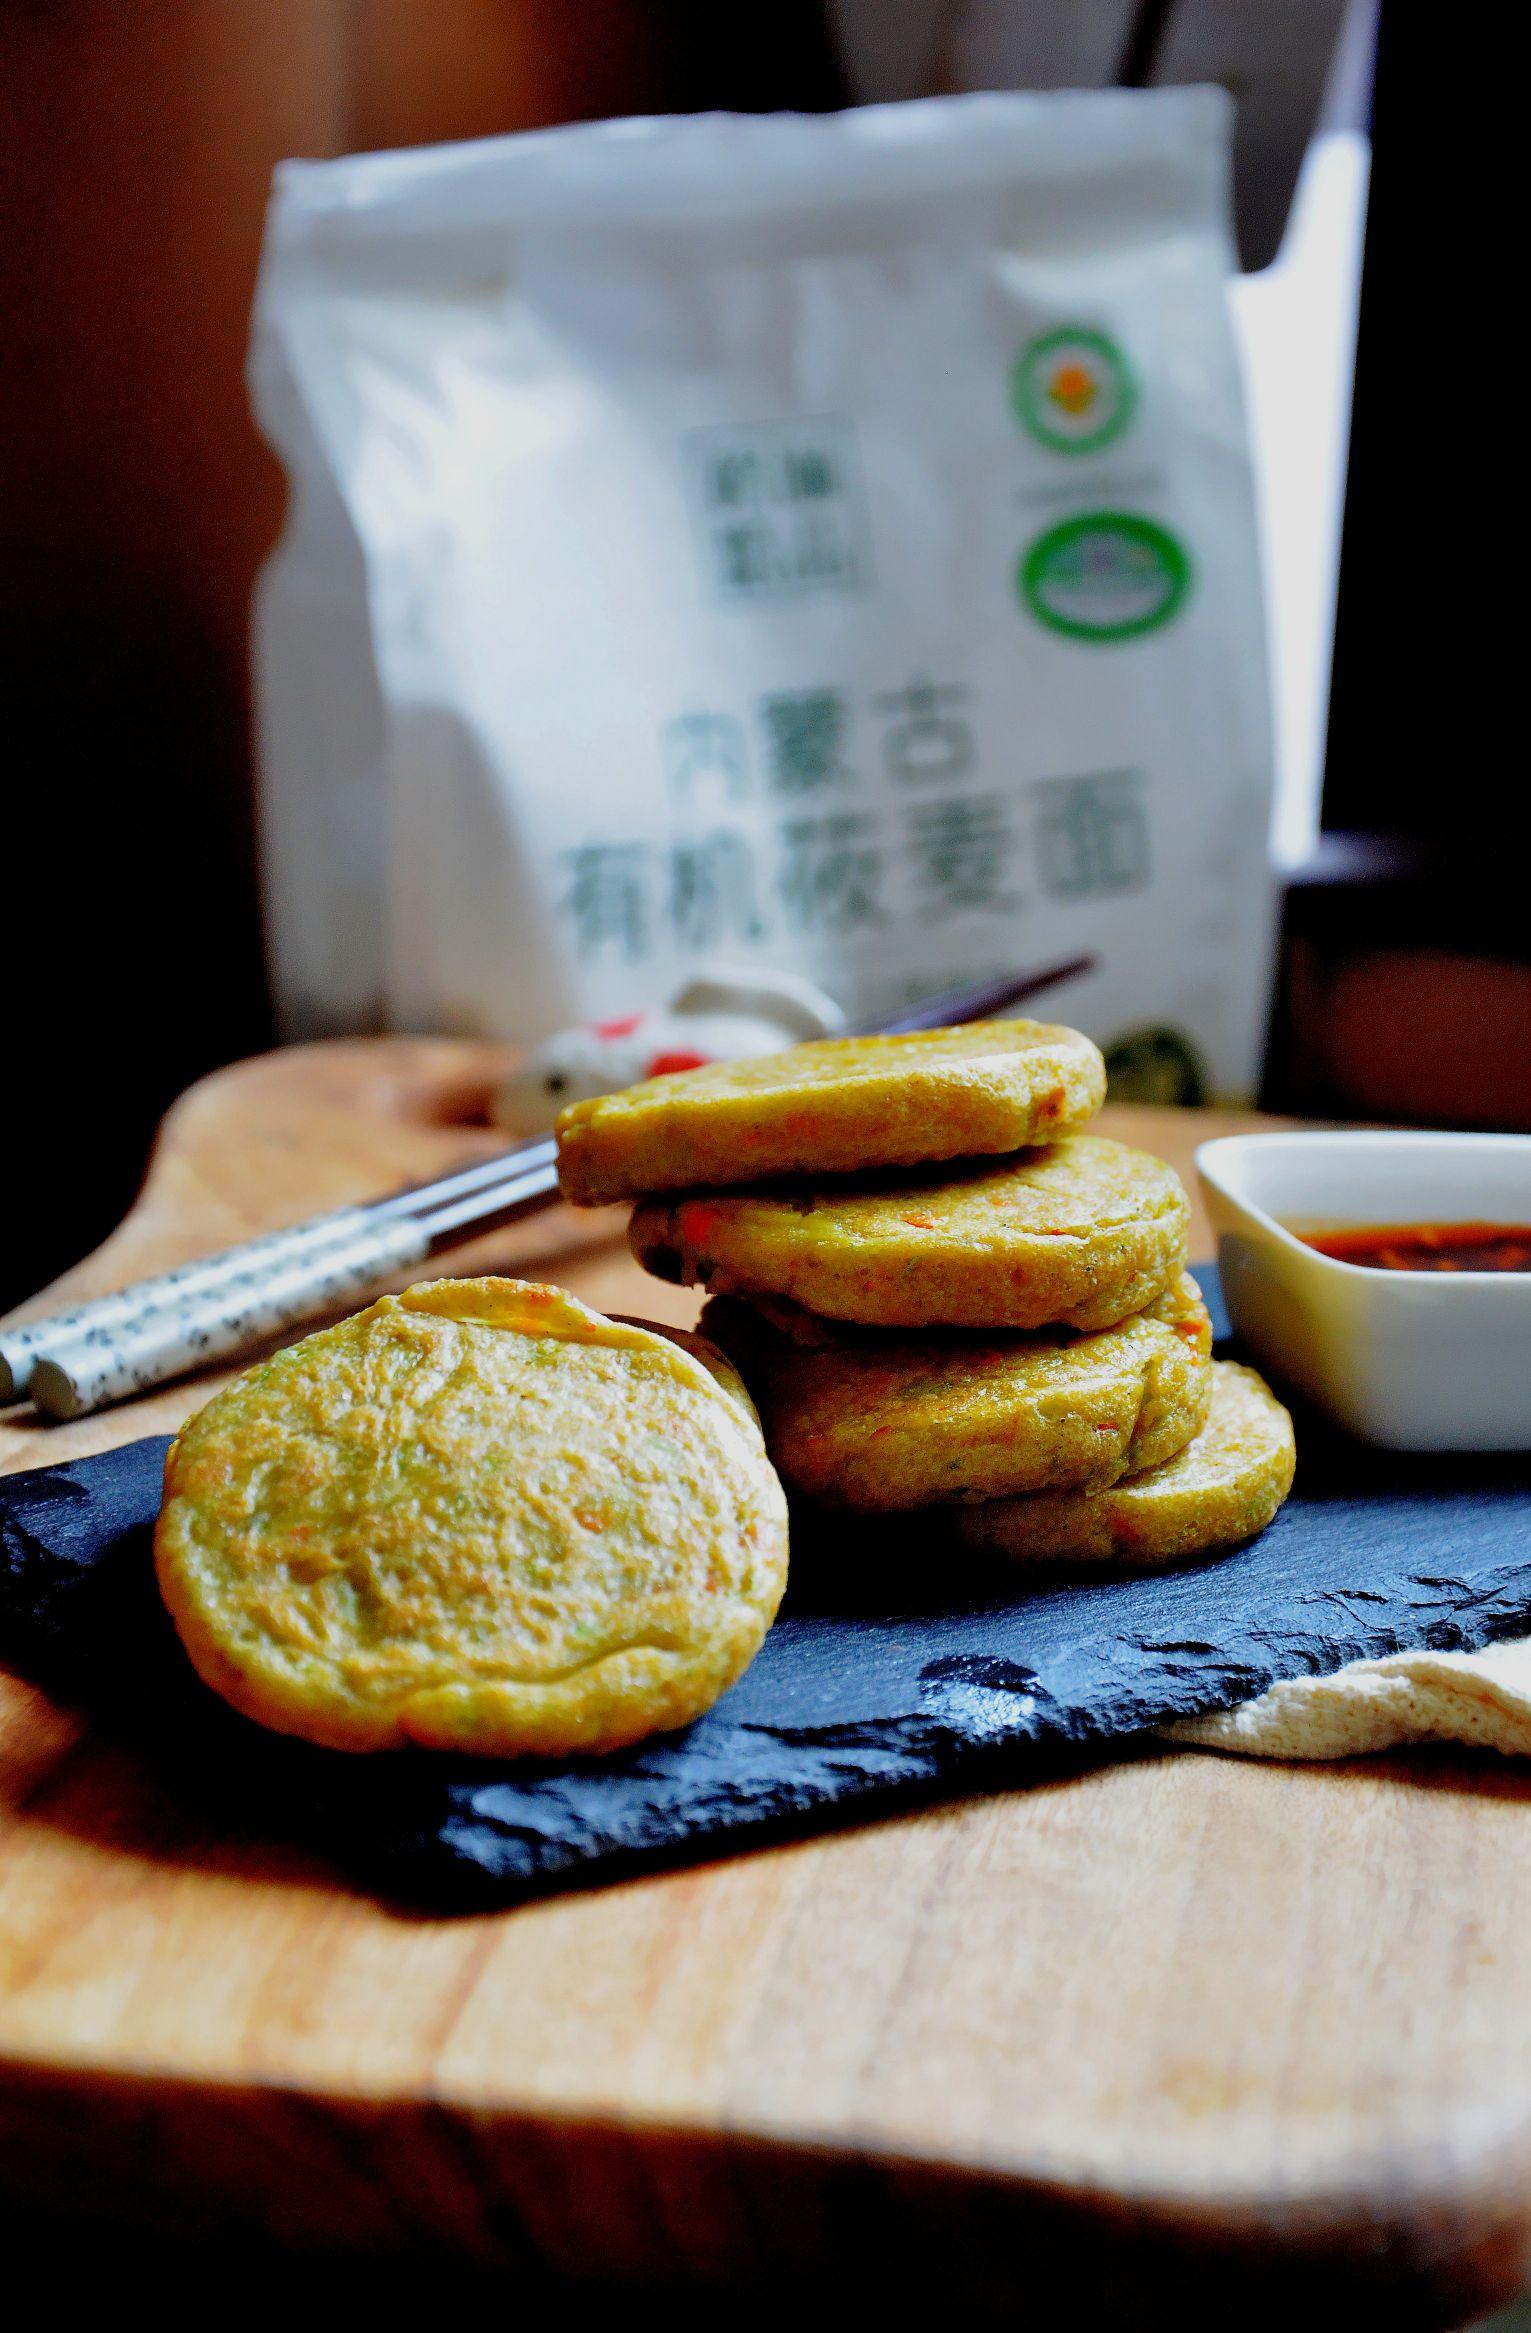 10分钟快手早餐,简单营养无负担:蔬菜莜麦早餐饼成品图